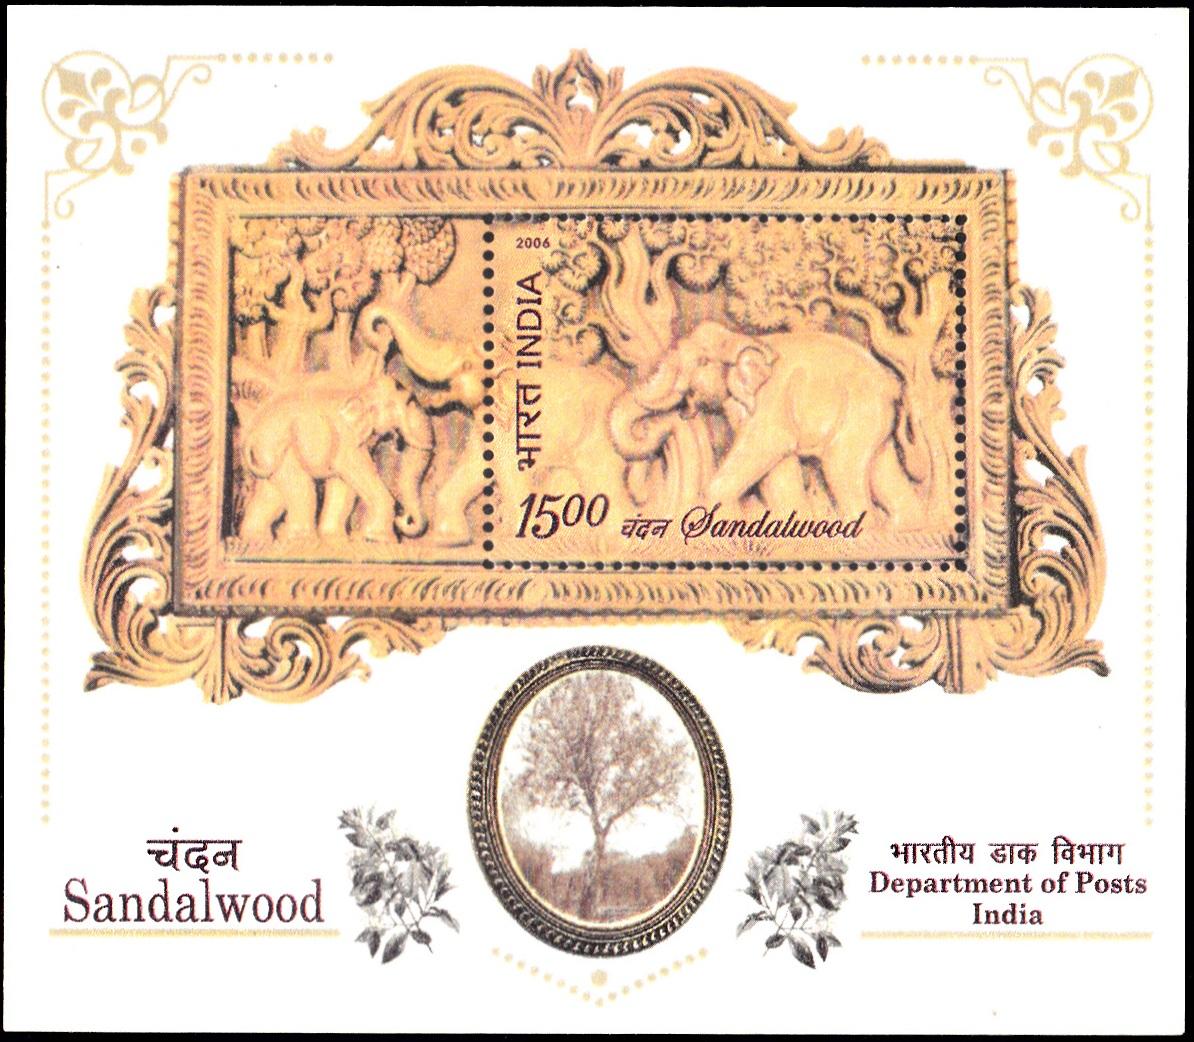 Elephant and Sandalwood Tree